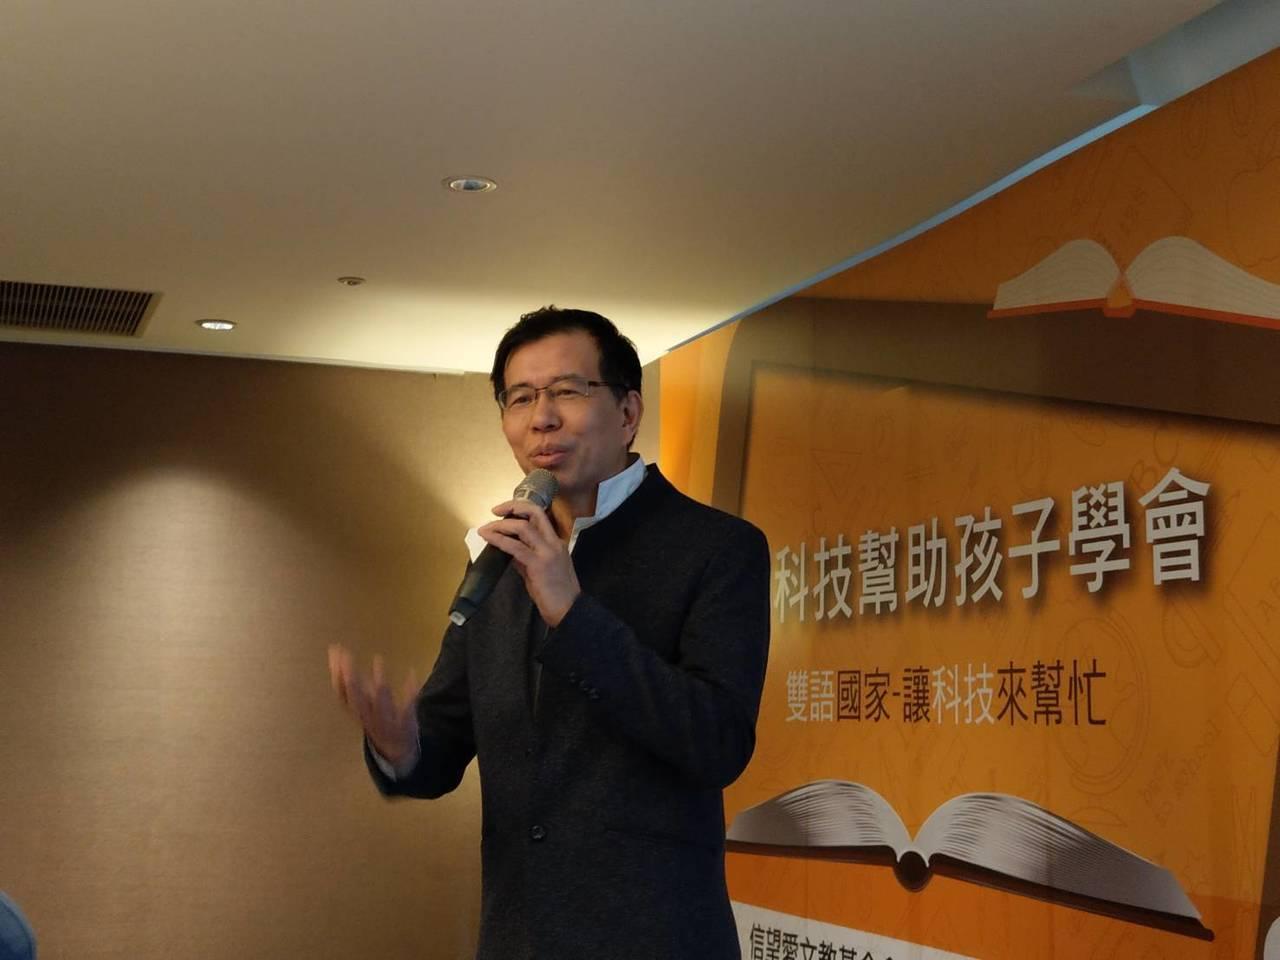 實踐大學應用外語系講座教授陳超明表示,「雙語國家」的目標不用太偉大,而是「全民都...